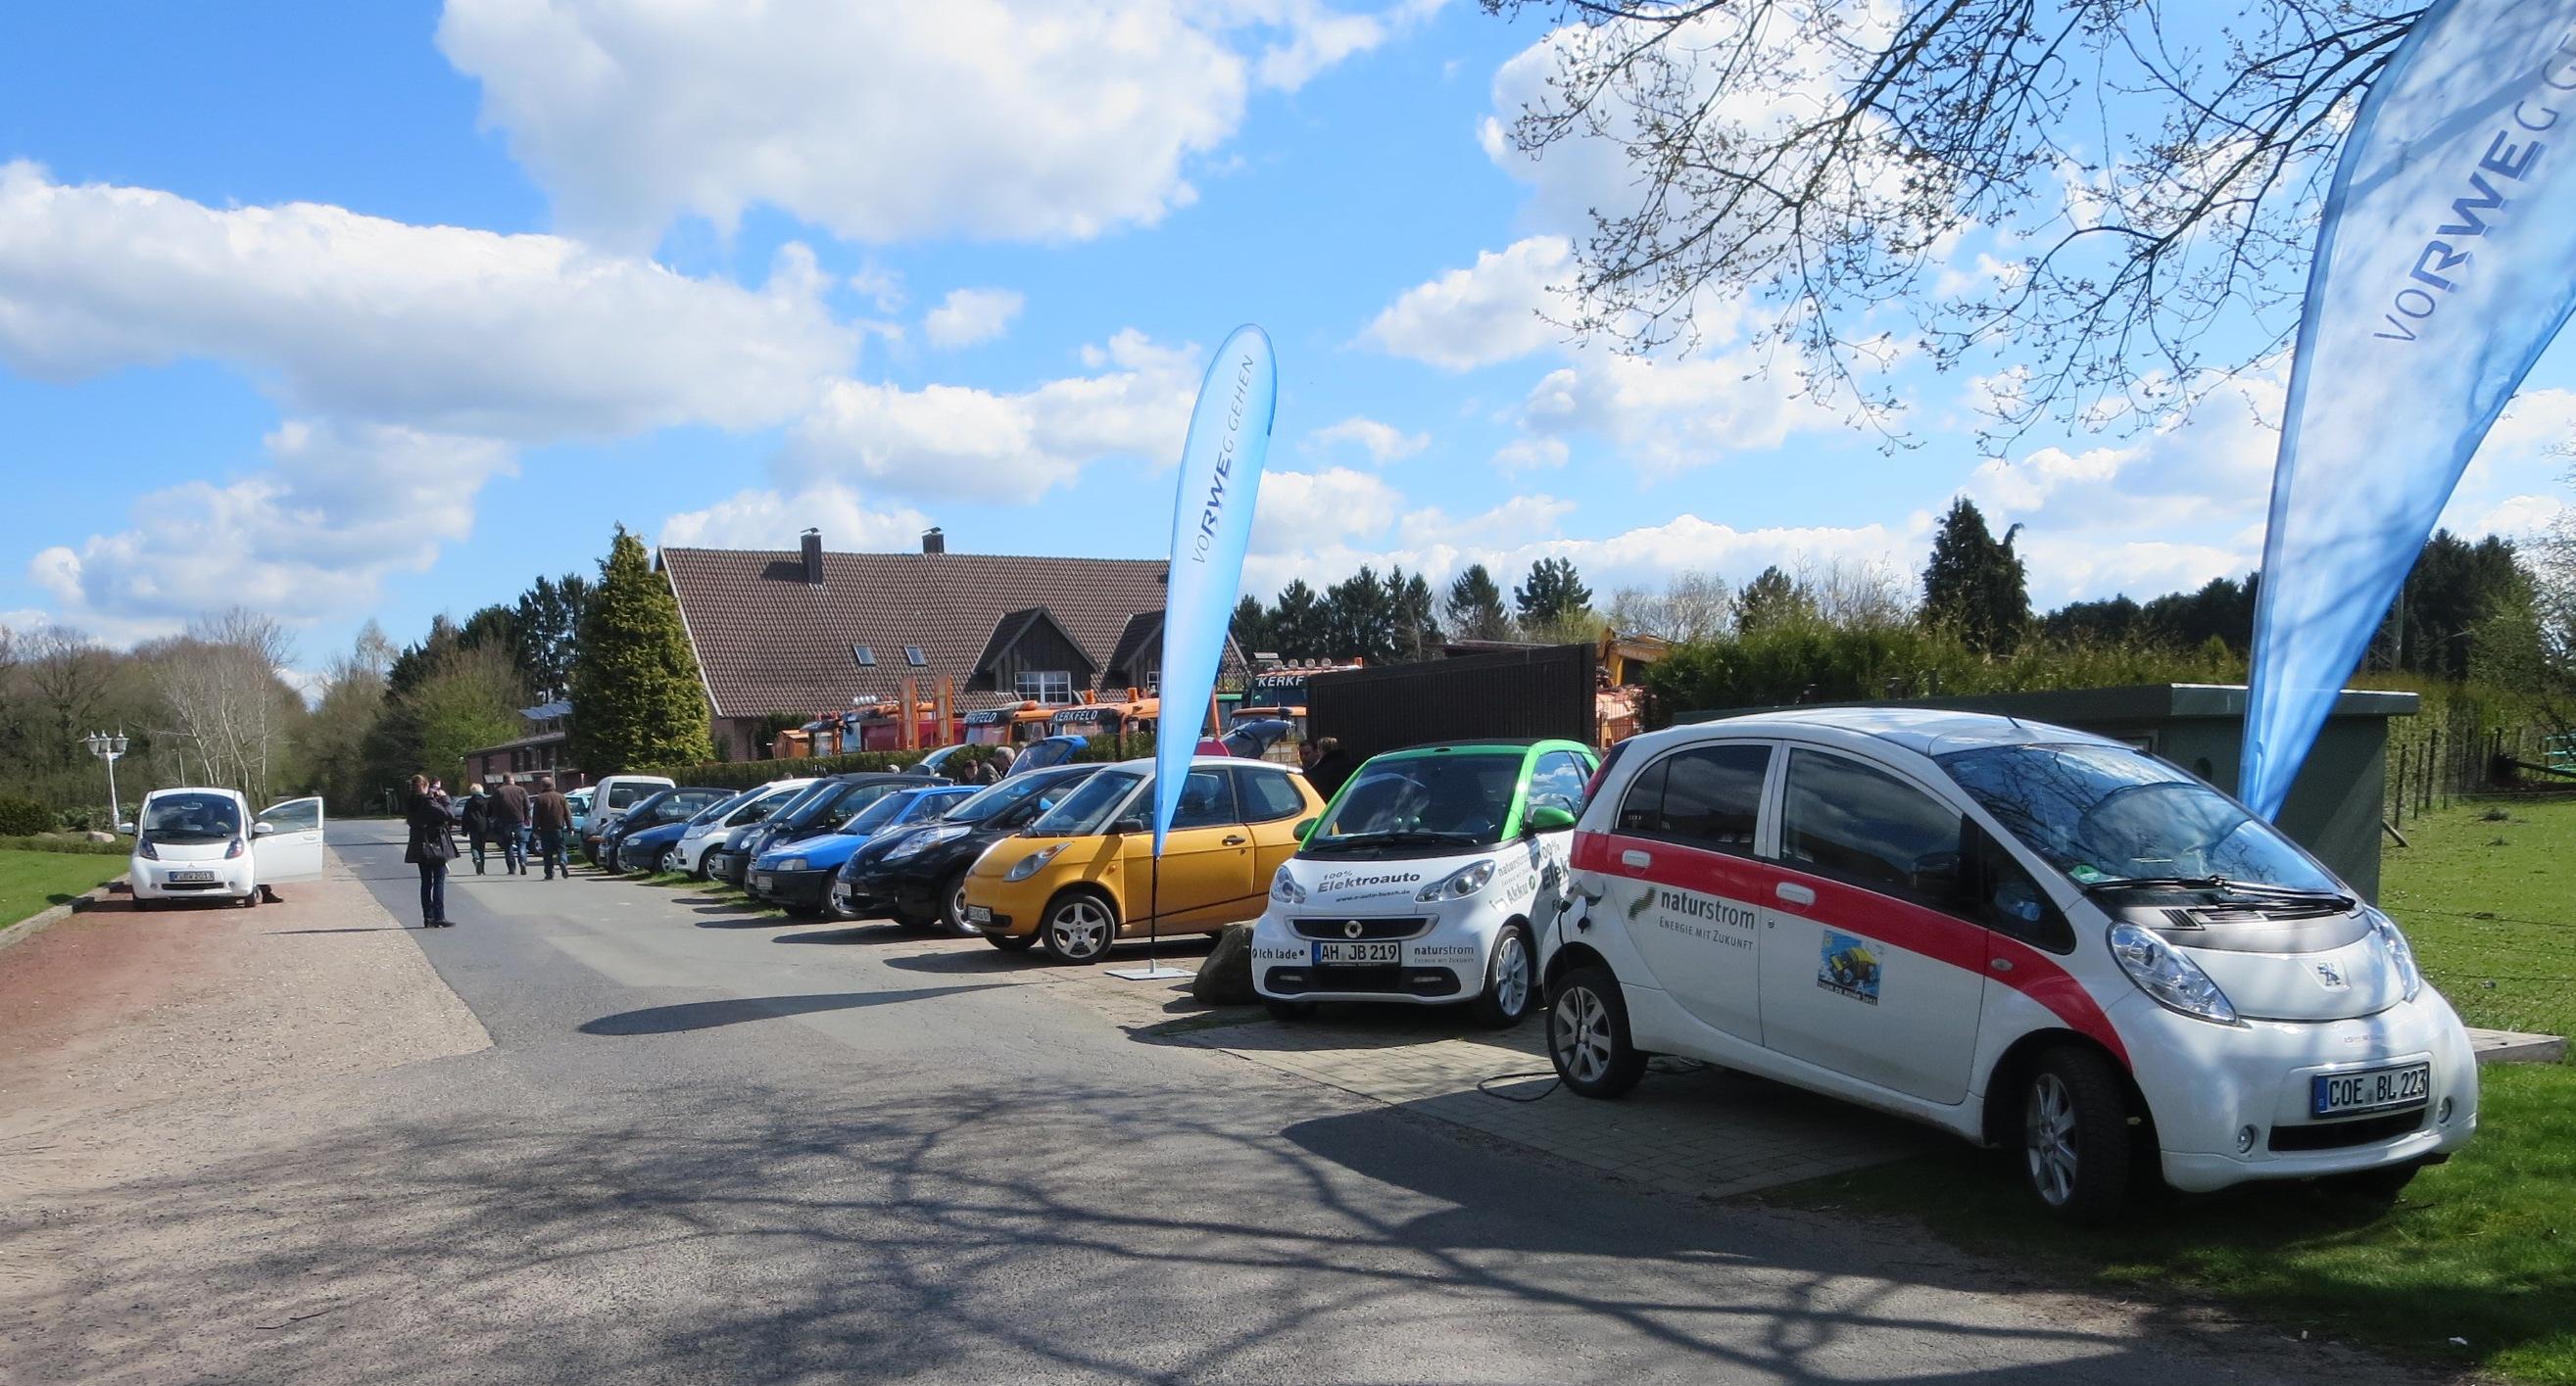 CityEL, Twike und Reva sind die kleineren Vertreter der Elektromobilität